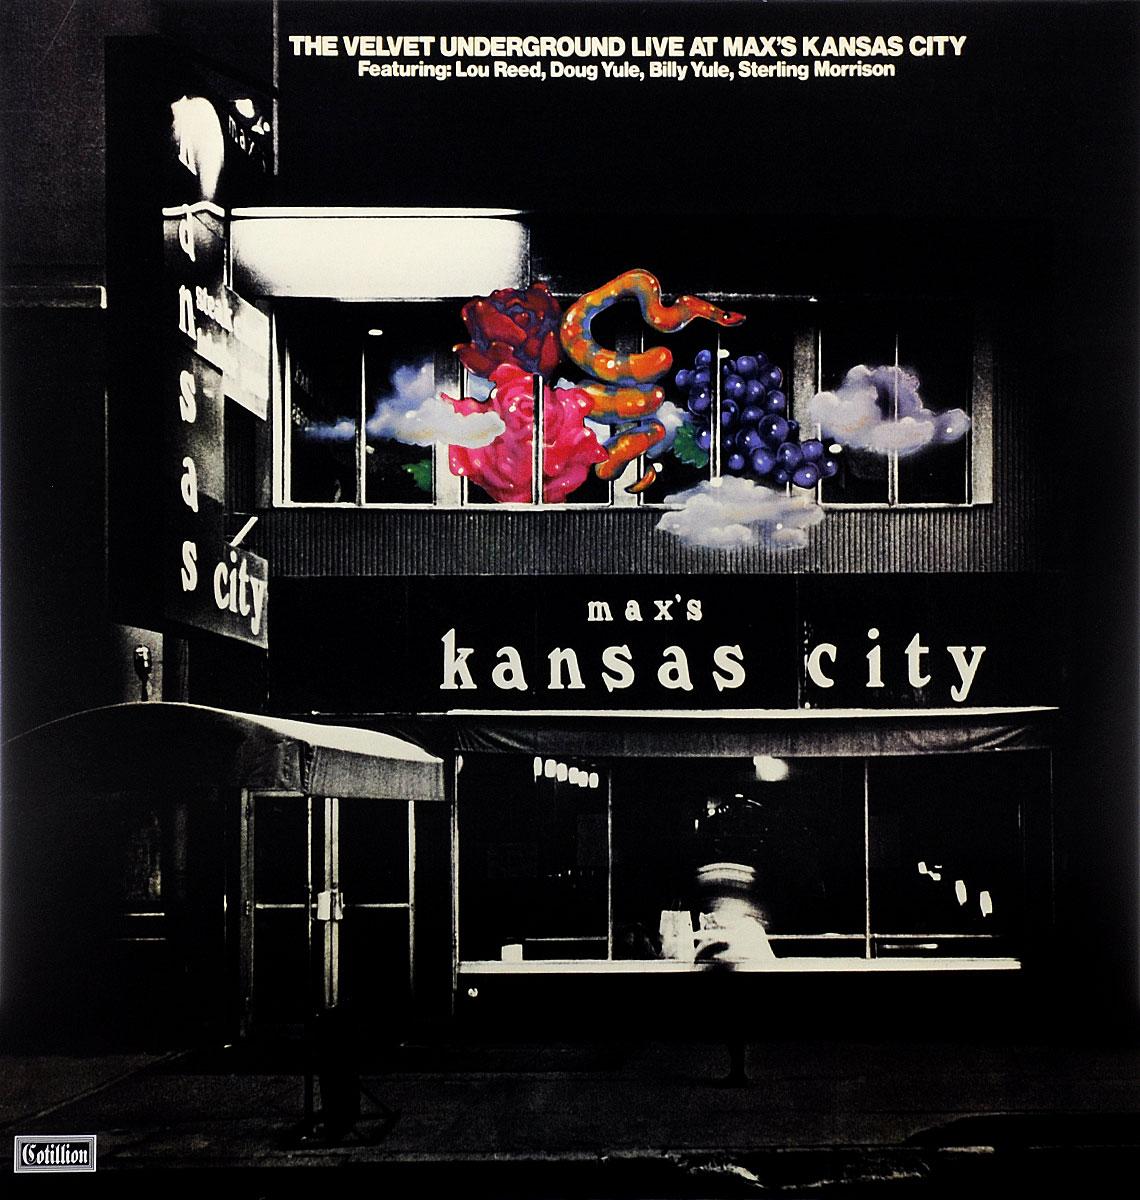 The Velvet Underground The Velvet Underground. Live At Max's Kansas City (2 LP) striped side velvet pants